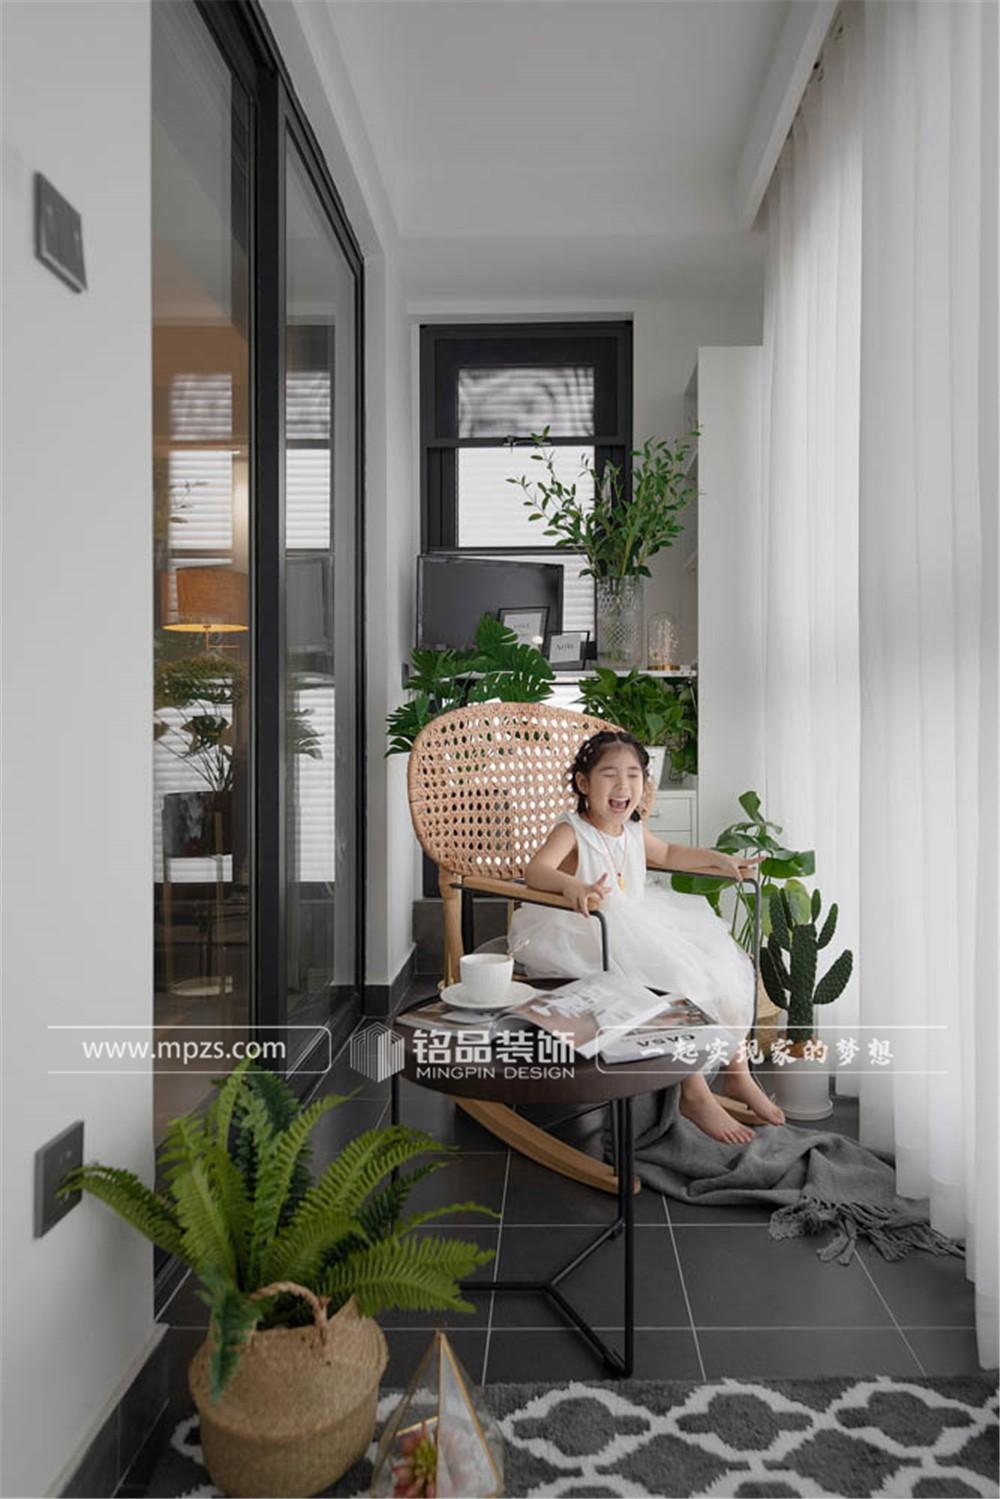 杭州124平方米现代轻奢风格毛坯新房装修案例_效果图